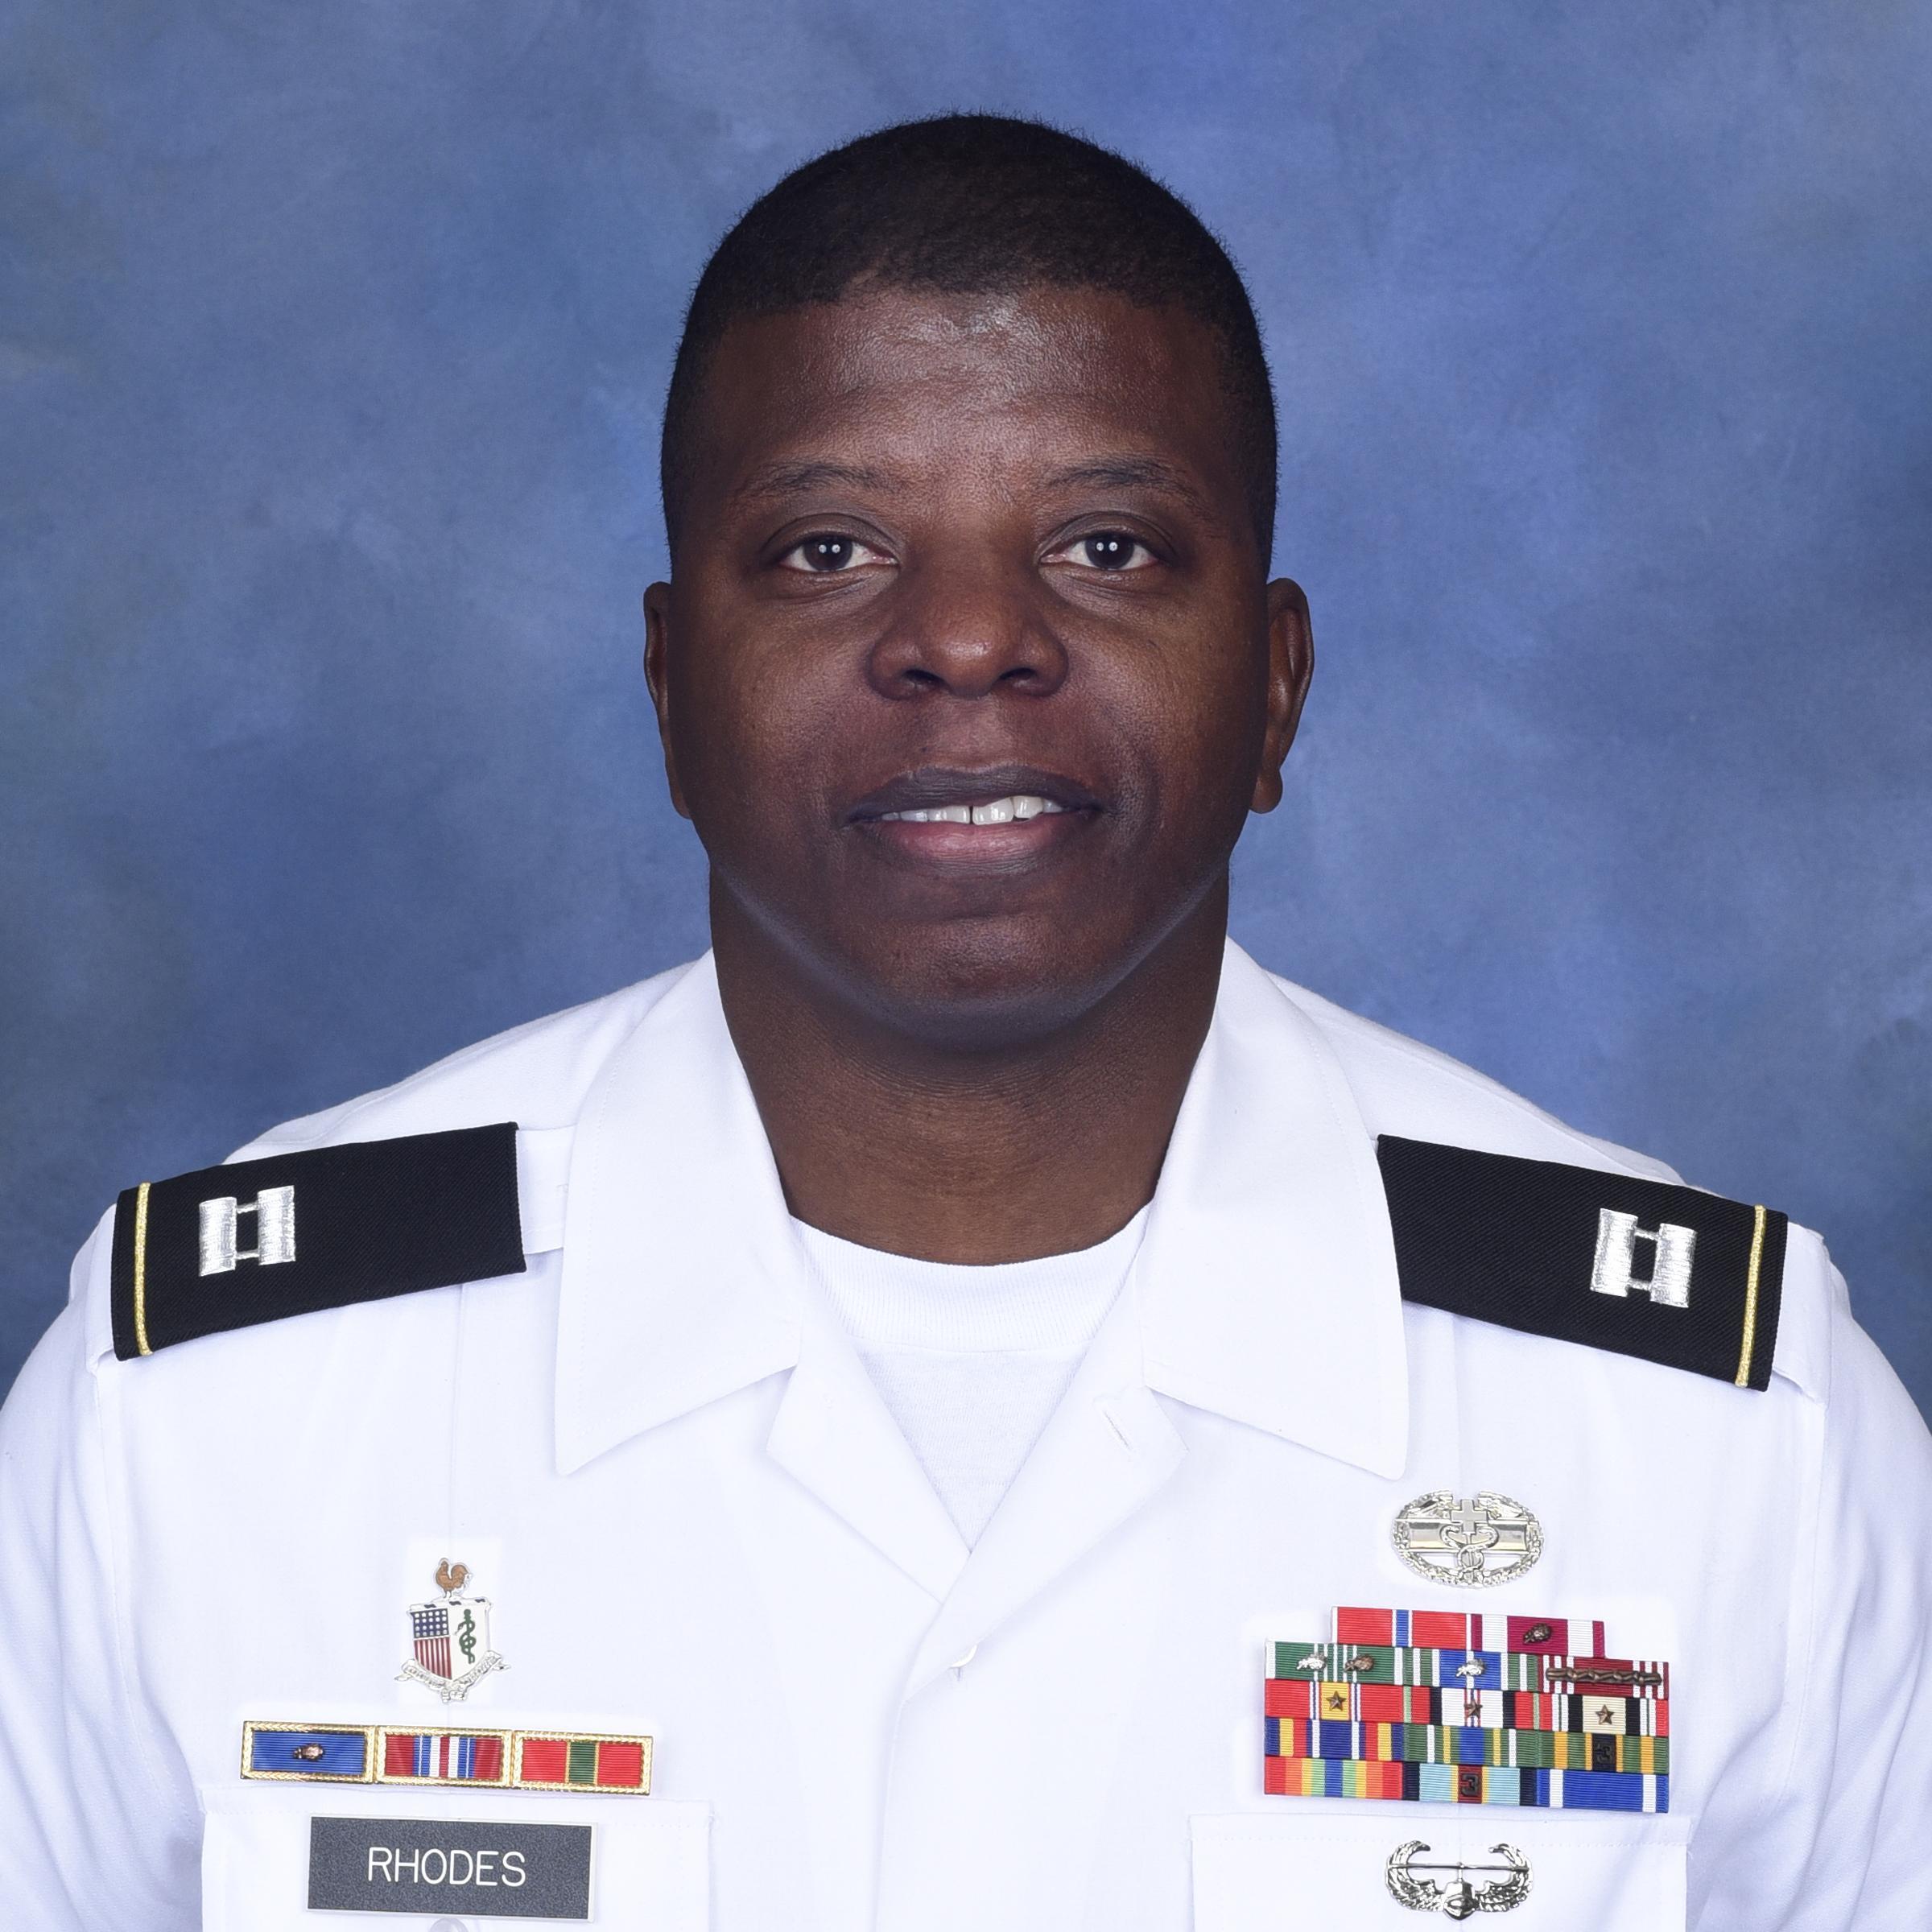 Dwayne Rhodes's Profile Photo